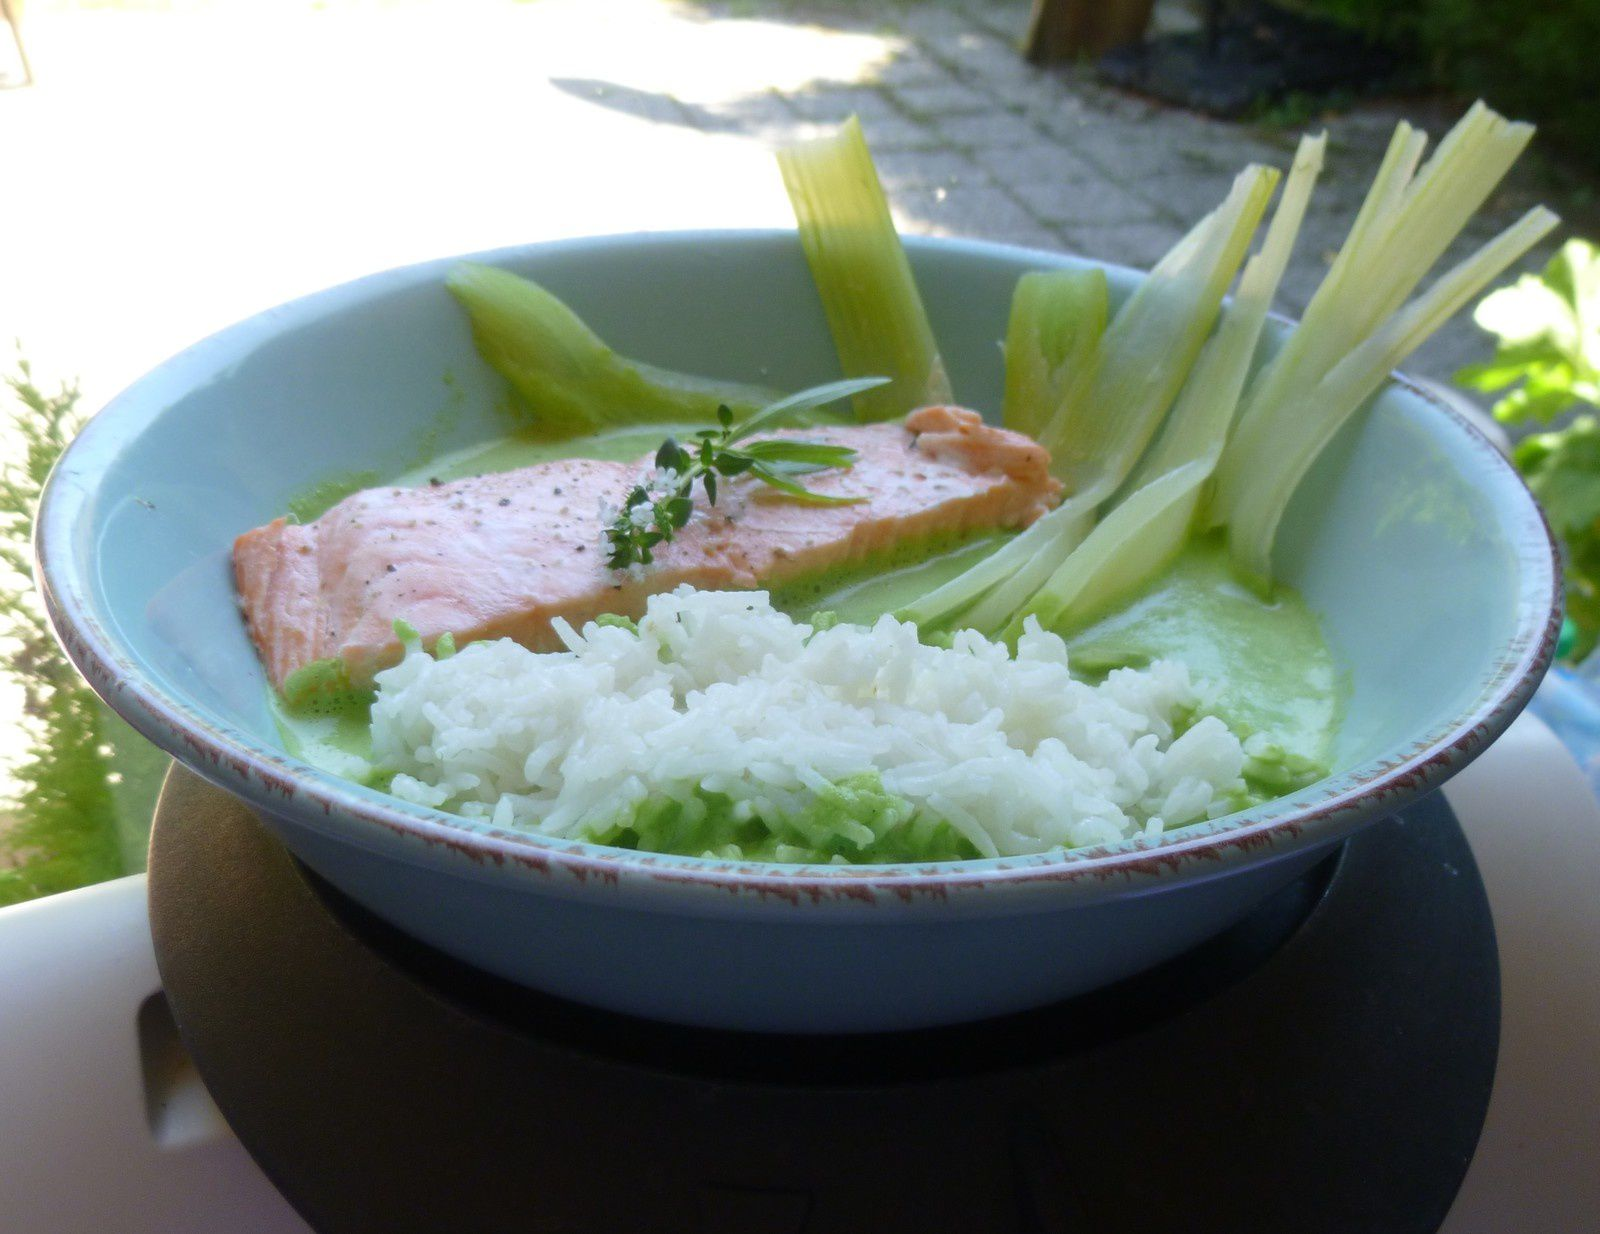 pav s de saumon riz fenouil sauce fanes de radis elleisab le blog d 39 une momoflingu e. Black Bedroom Furniture Sets. Home Design Ideas